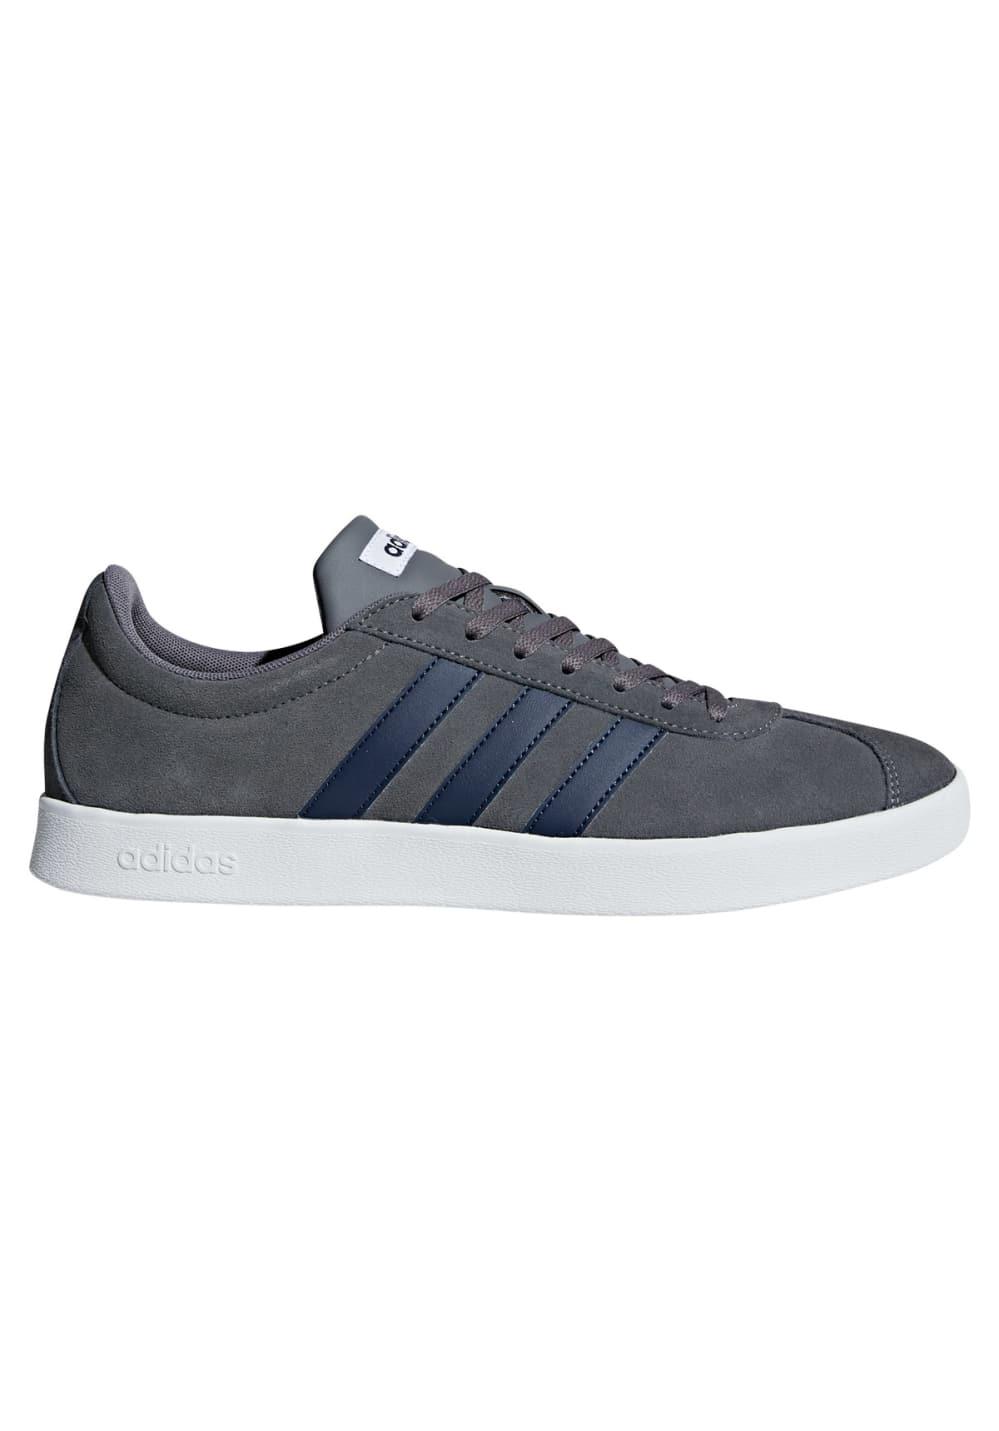 adidas VL Court 2.0 - Sneaker für Herren - Grau